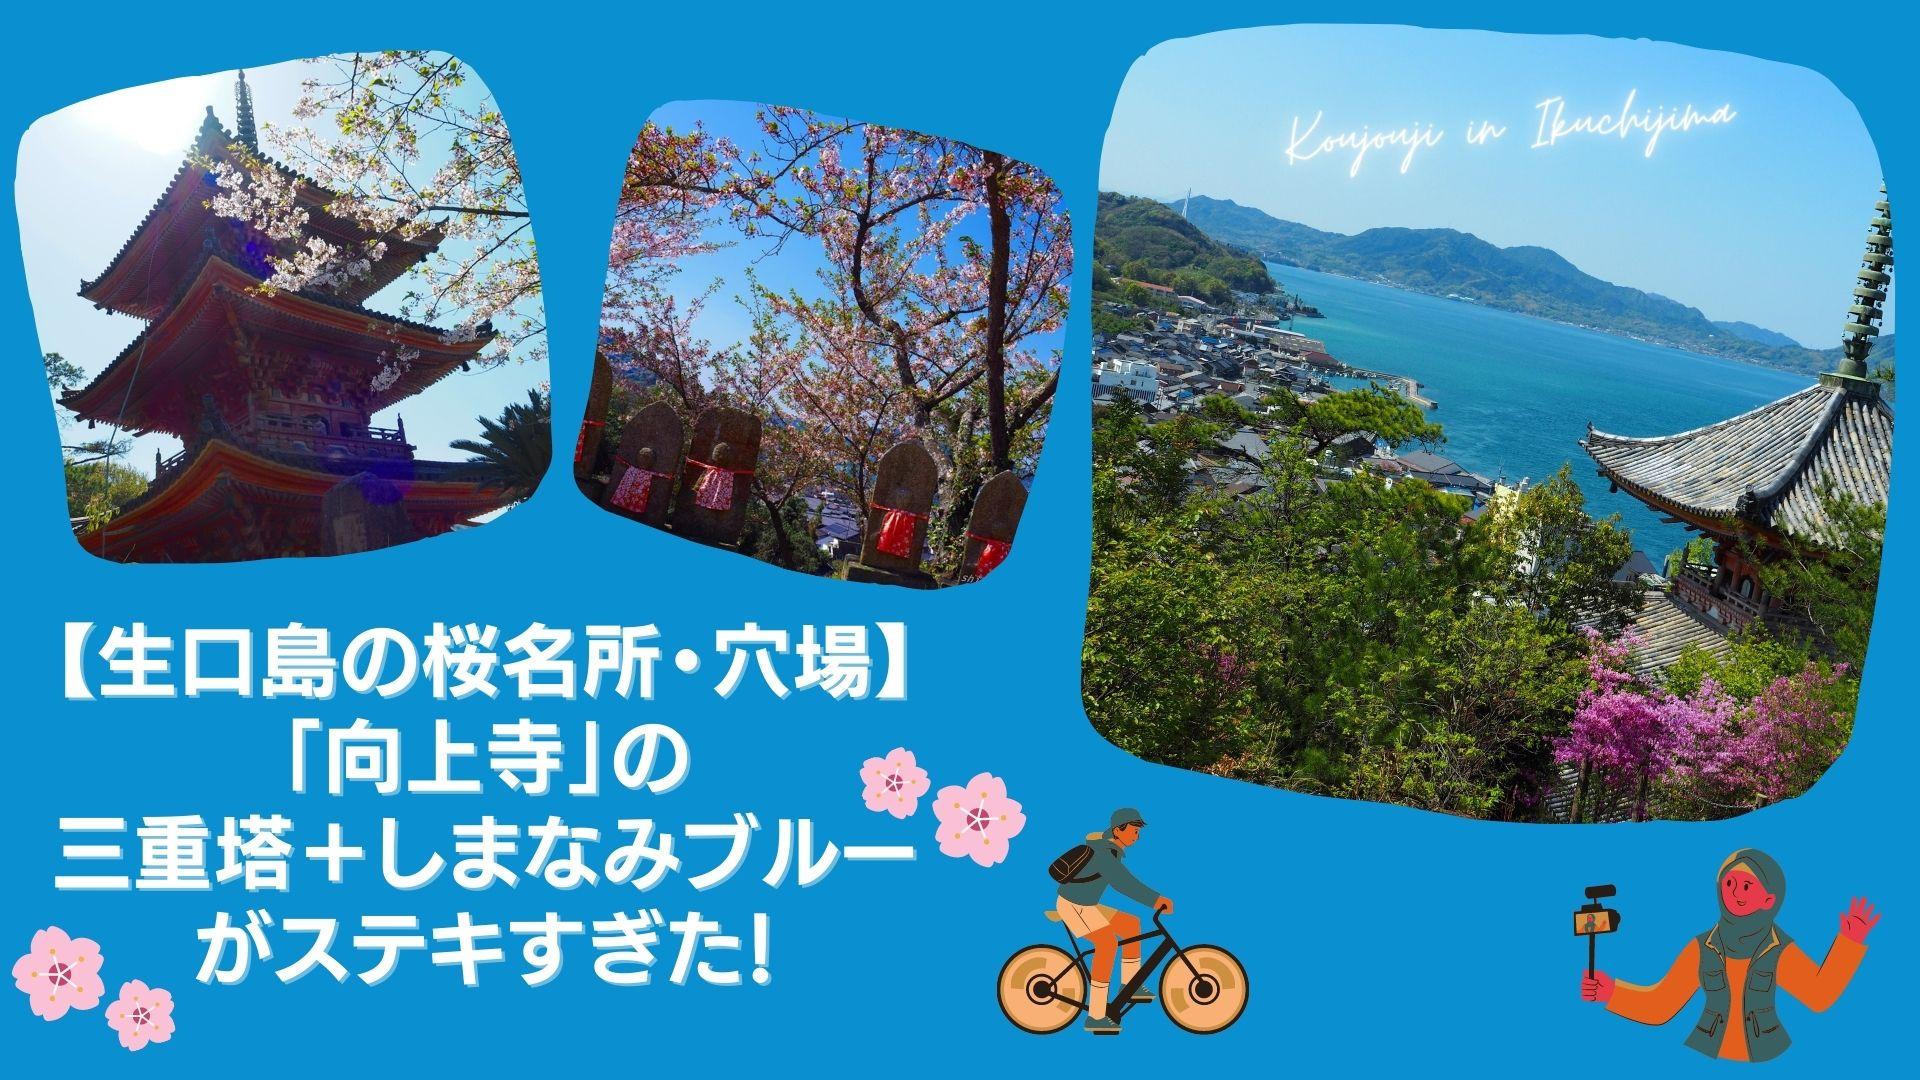 【生口島の桜名所・穴場】「向上寺」の三重塔+しまなみブルーがステキすぎた!